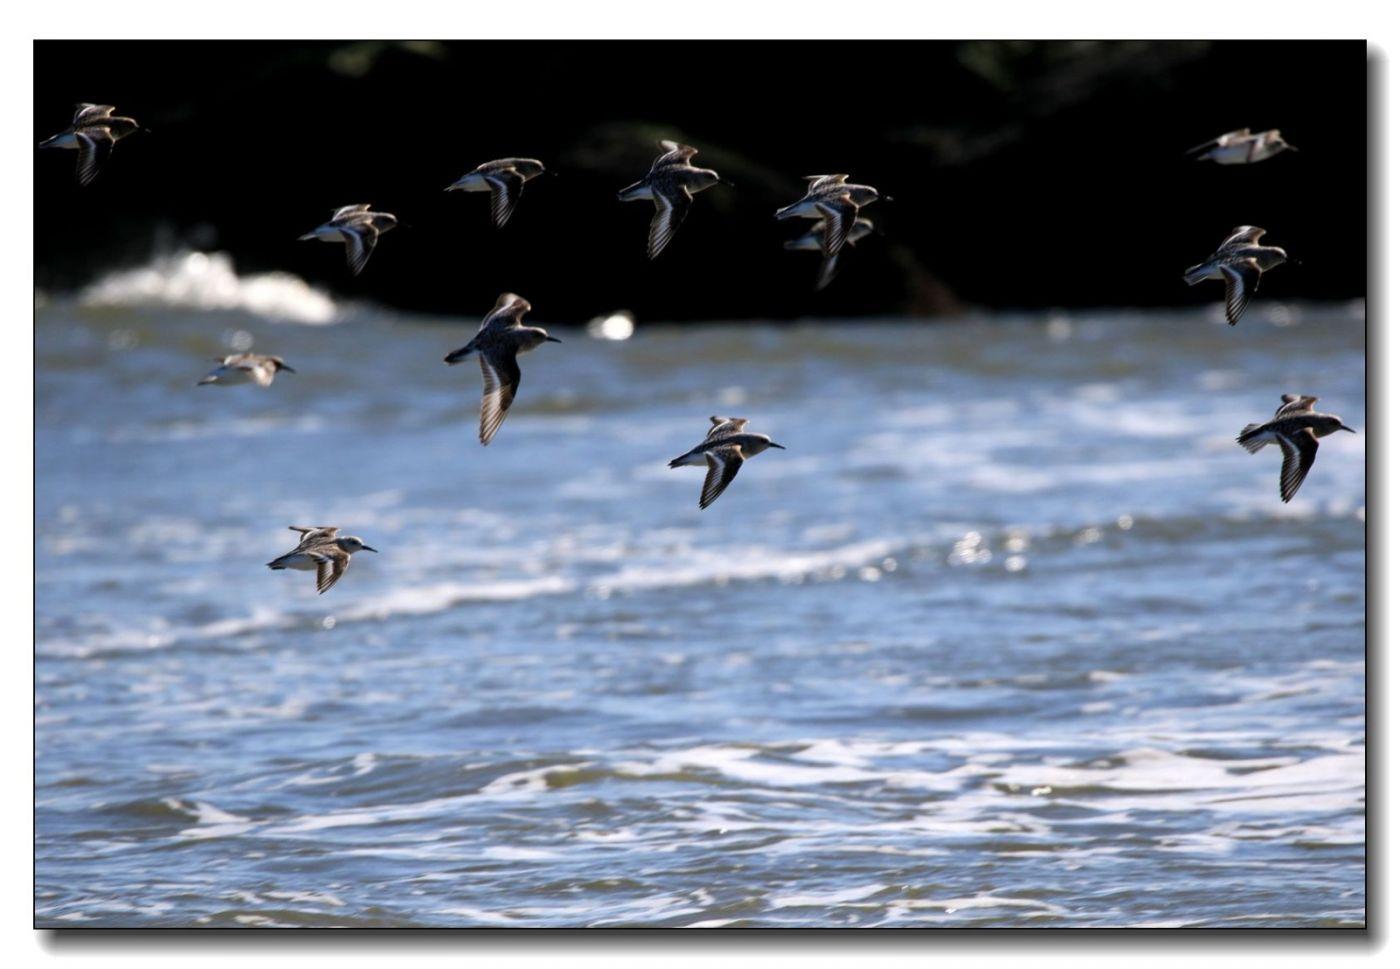 洛克威海滩拍鸟—滨鹬_图1-19